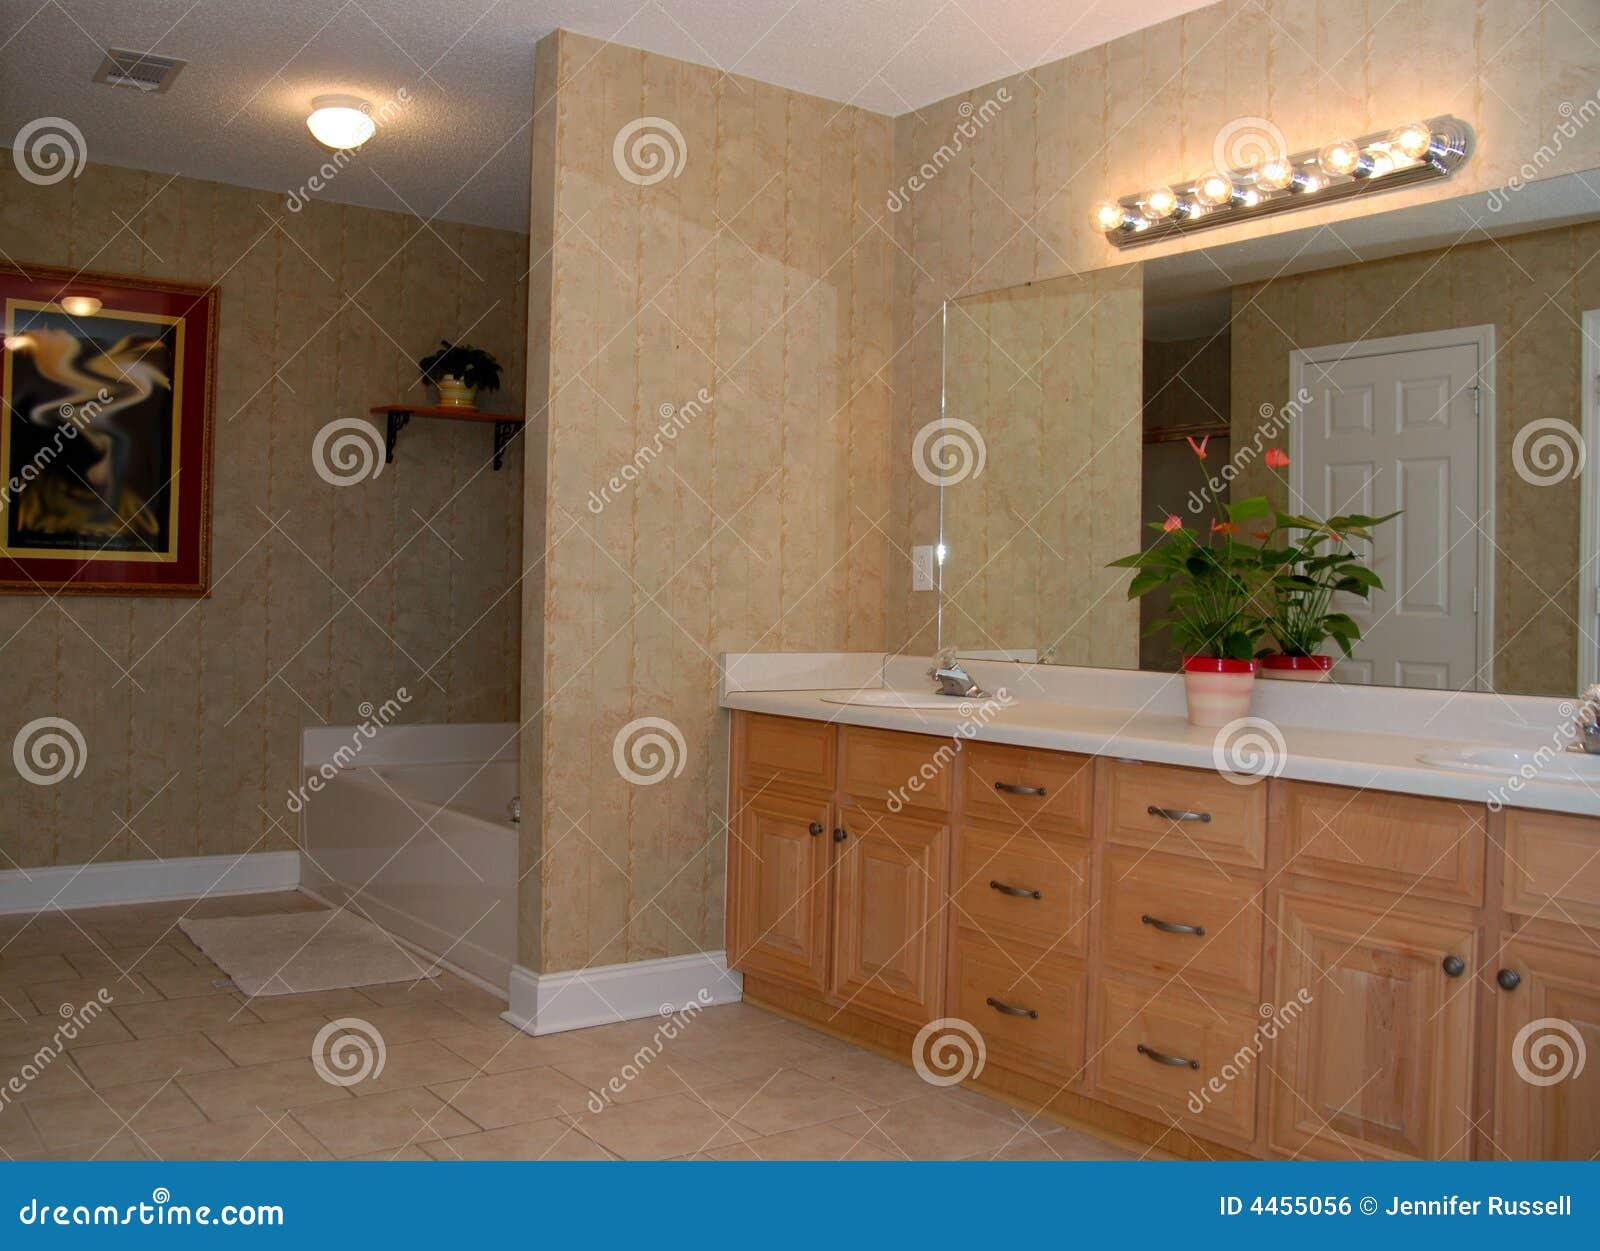 Stanza da bagno elegante fotografia stock immagine di domestico 4455056 - Stanza da bagno ...